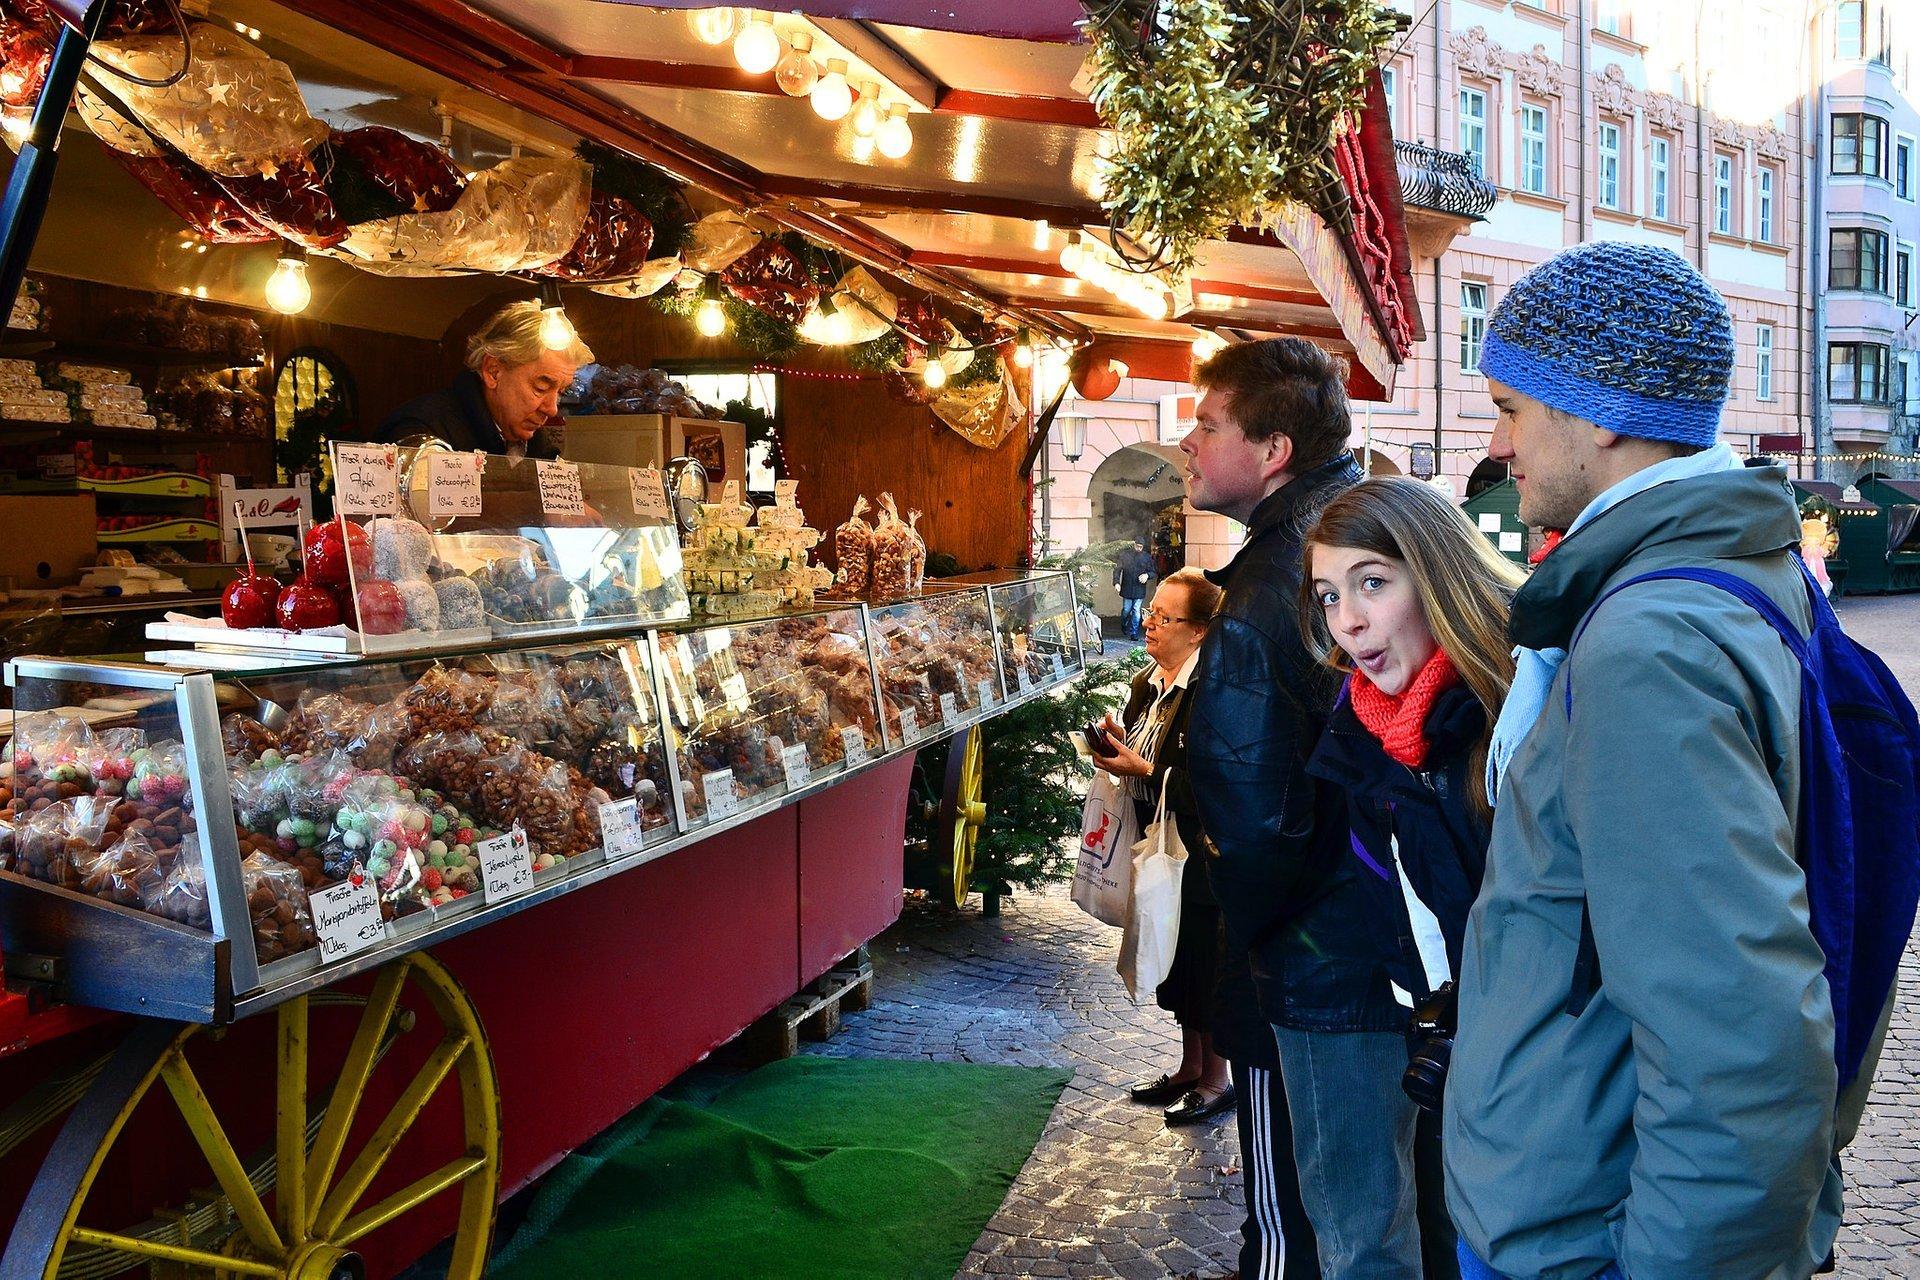 Weihnachtsmarkt, Innsbruck 2020